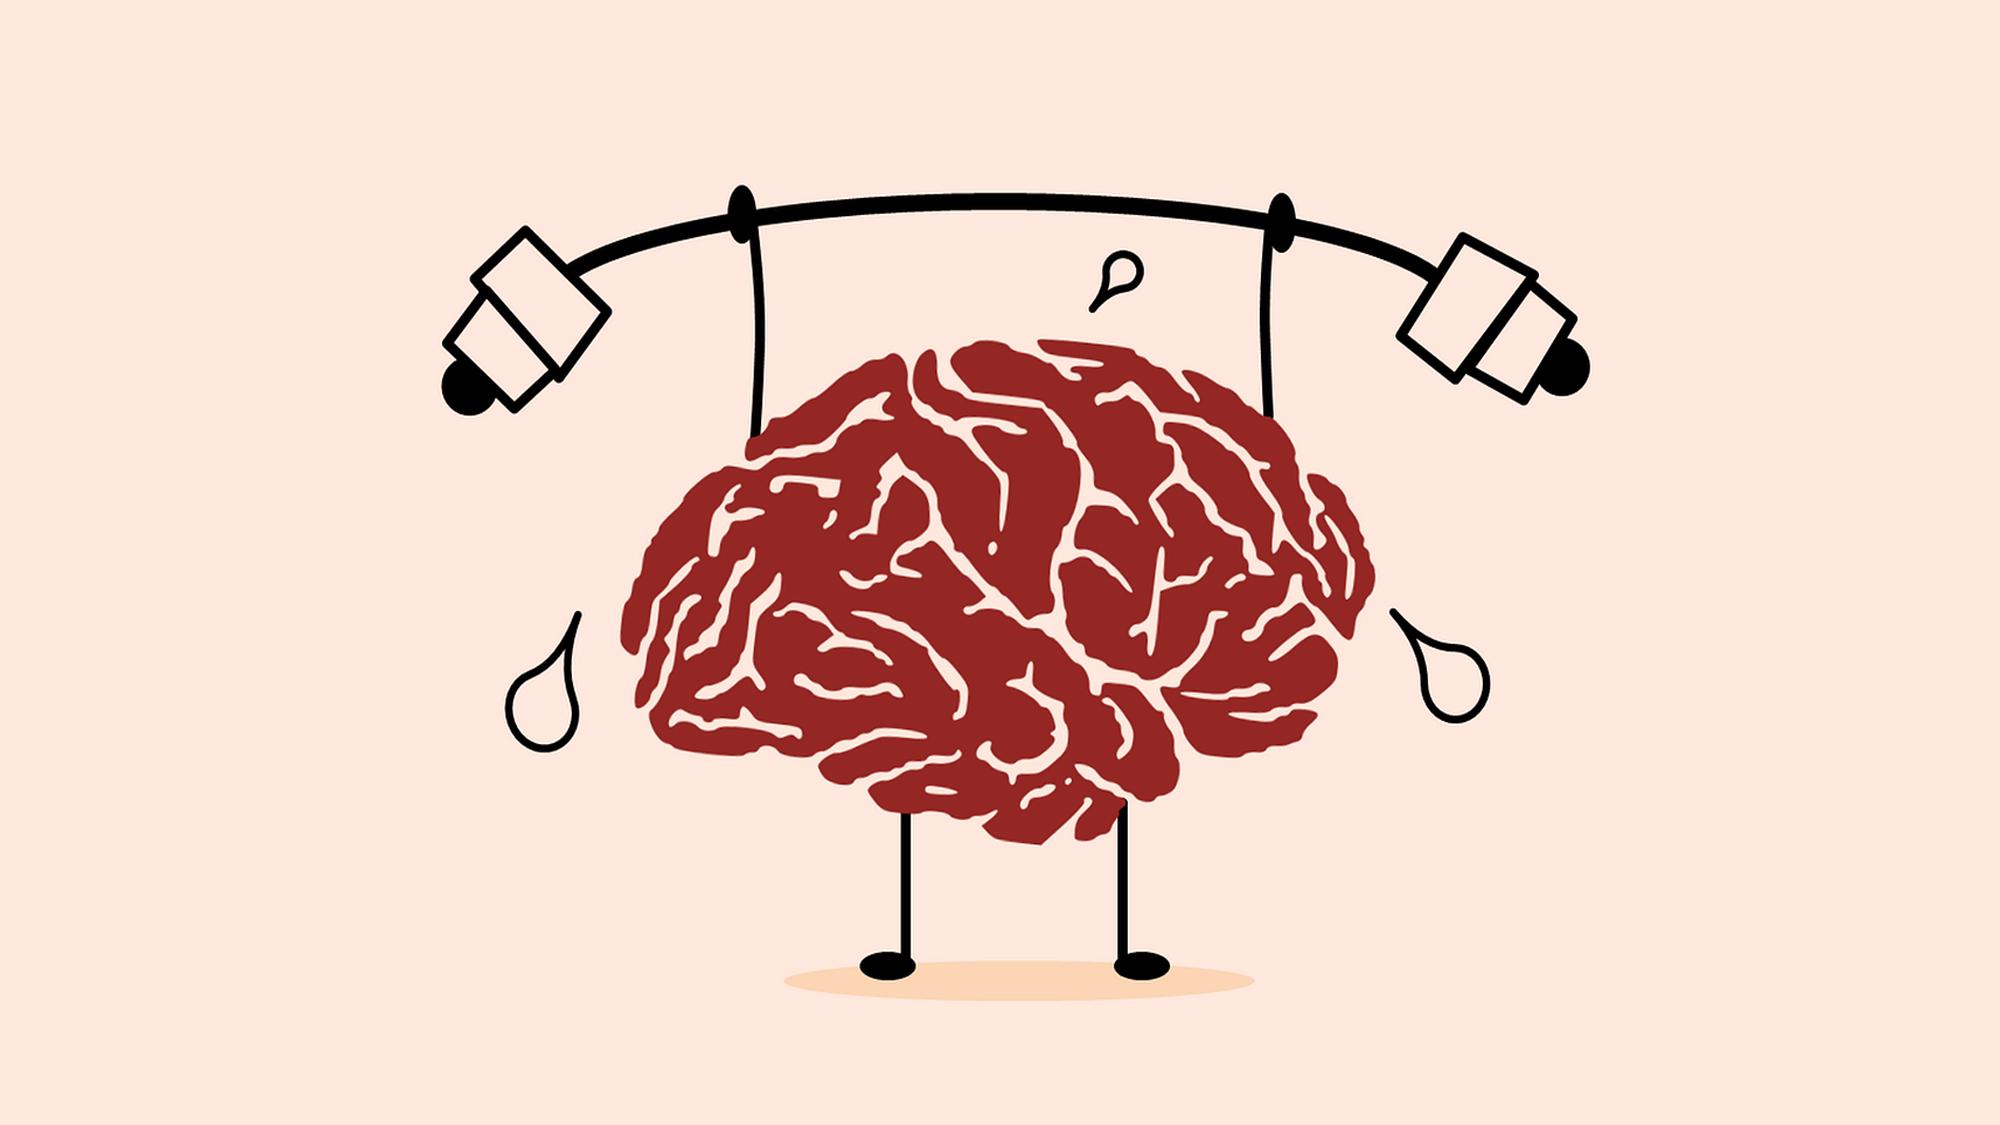 Ψυχικές διαταραχές: Γιατί είναι τόσο σημαντική η ψυχική υγεία